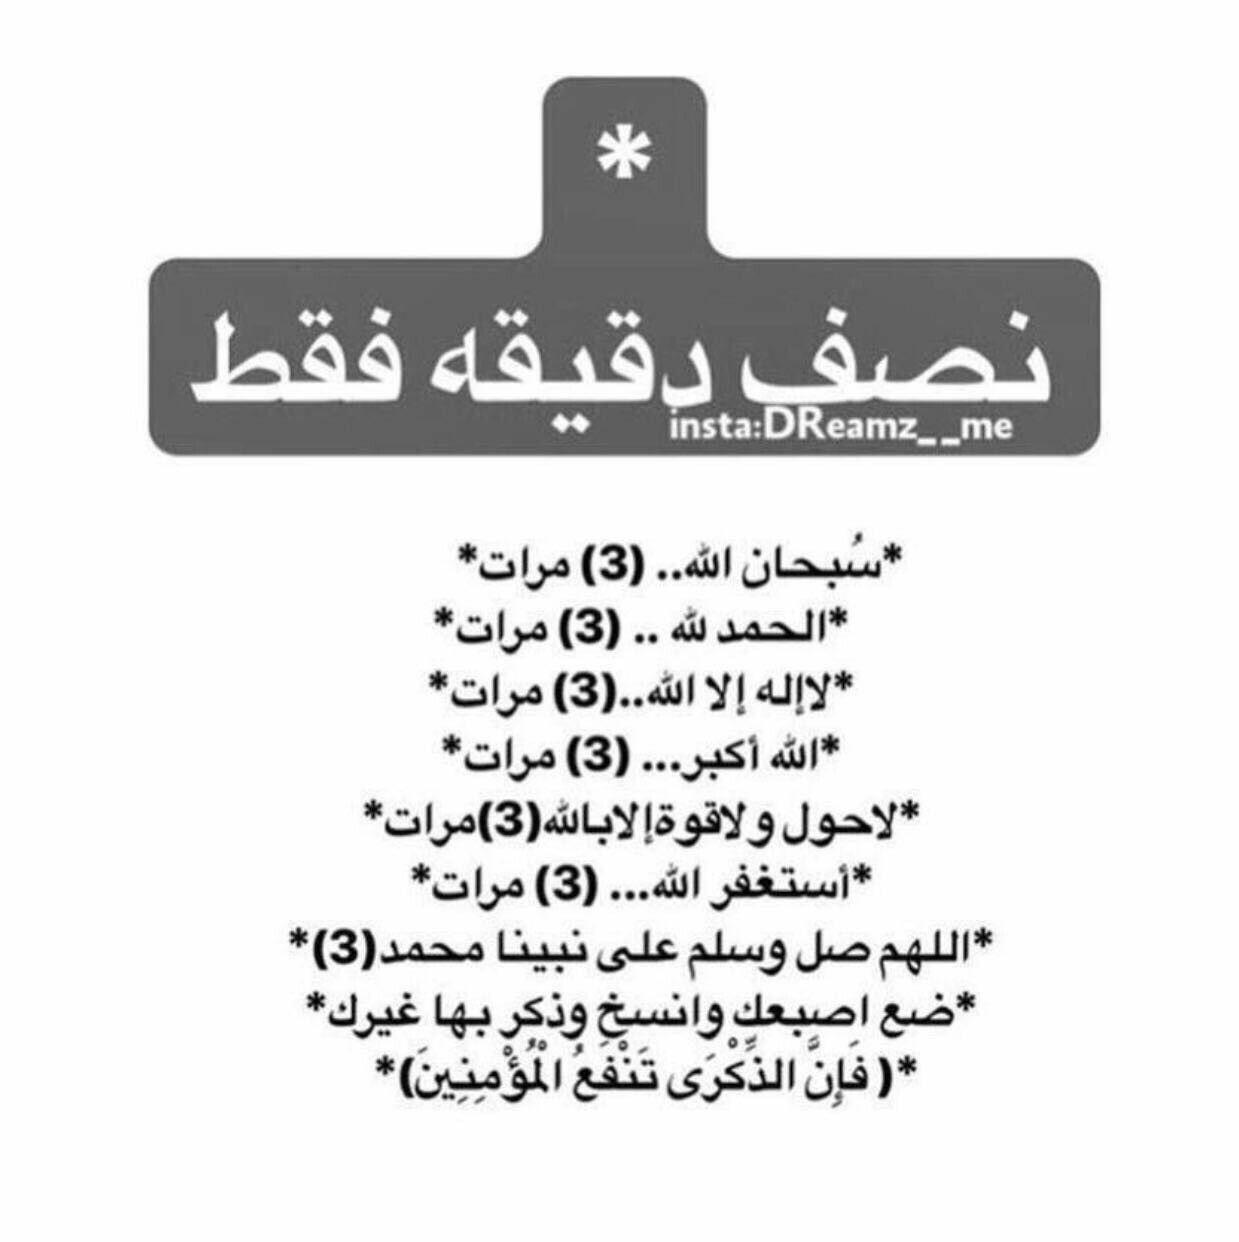 نصف دقيقه لا اله الا الله عدد ماكان وعدد مايكون وعدد الحركات والسكون Highway Signs Insta Islam